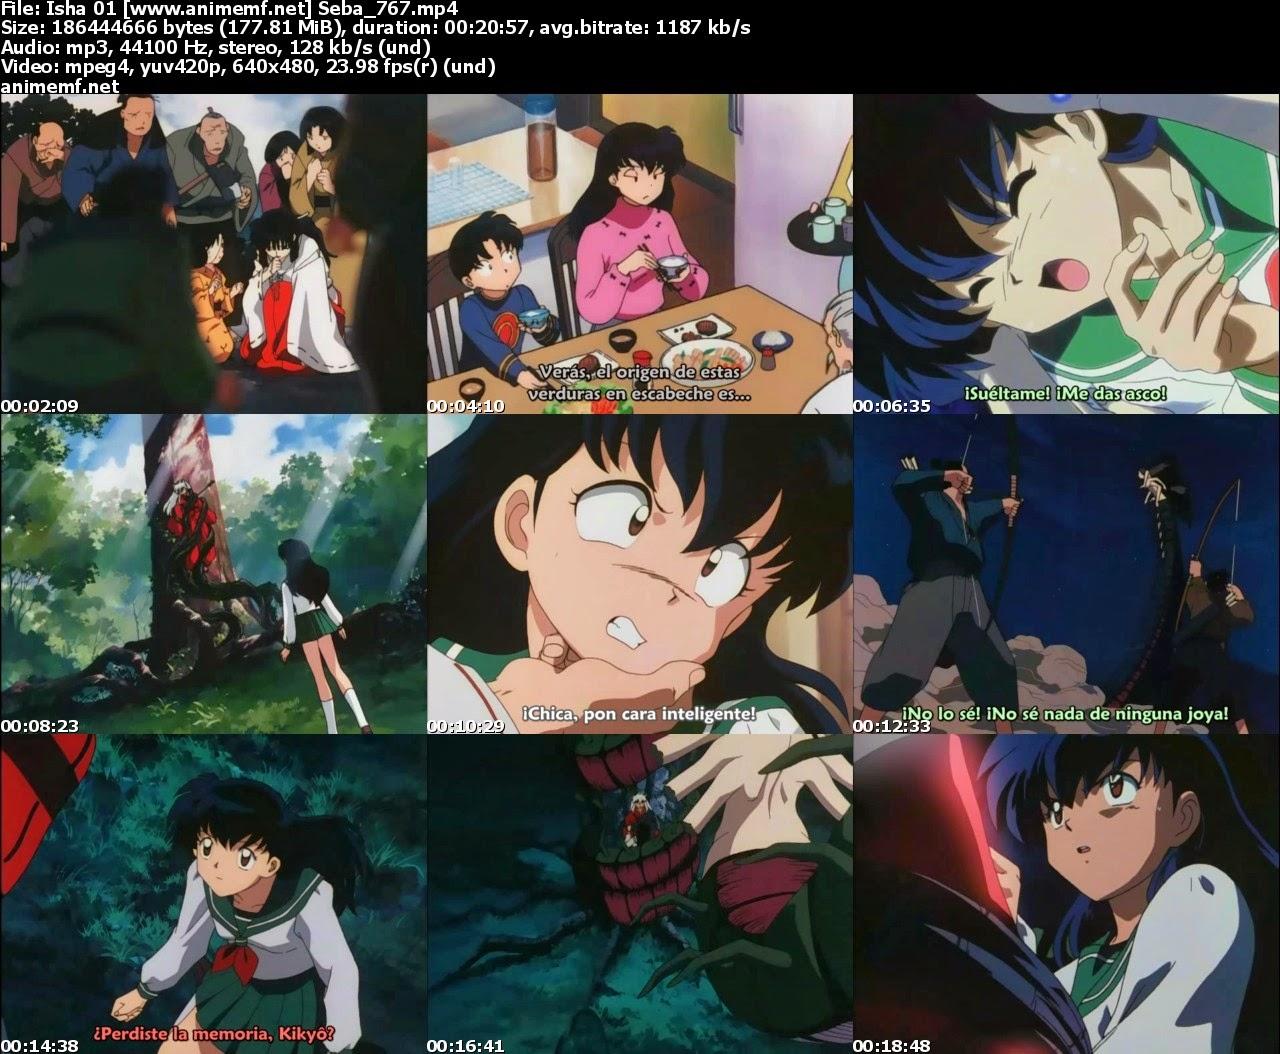 Descargar Inuyasha 167/167 + Todas las Peliculas [Latino + Japones/Sub Español][MEGA]